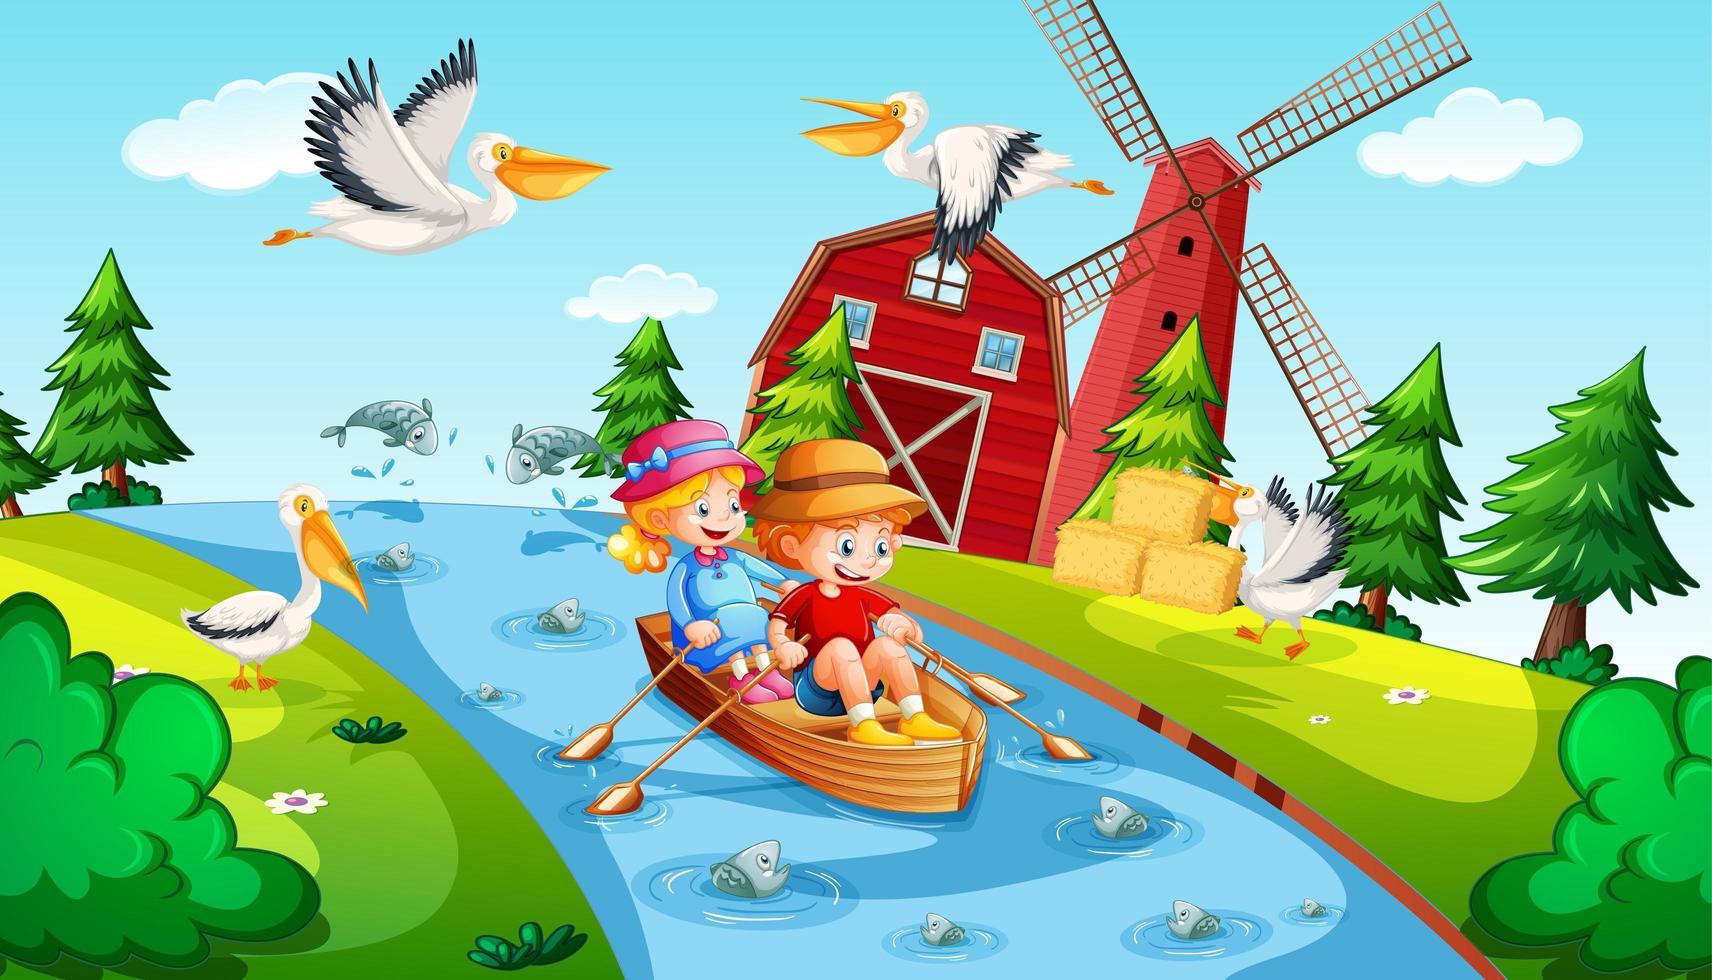 Children row the boat in the stream farm scene vector